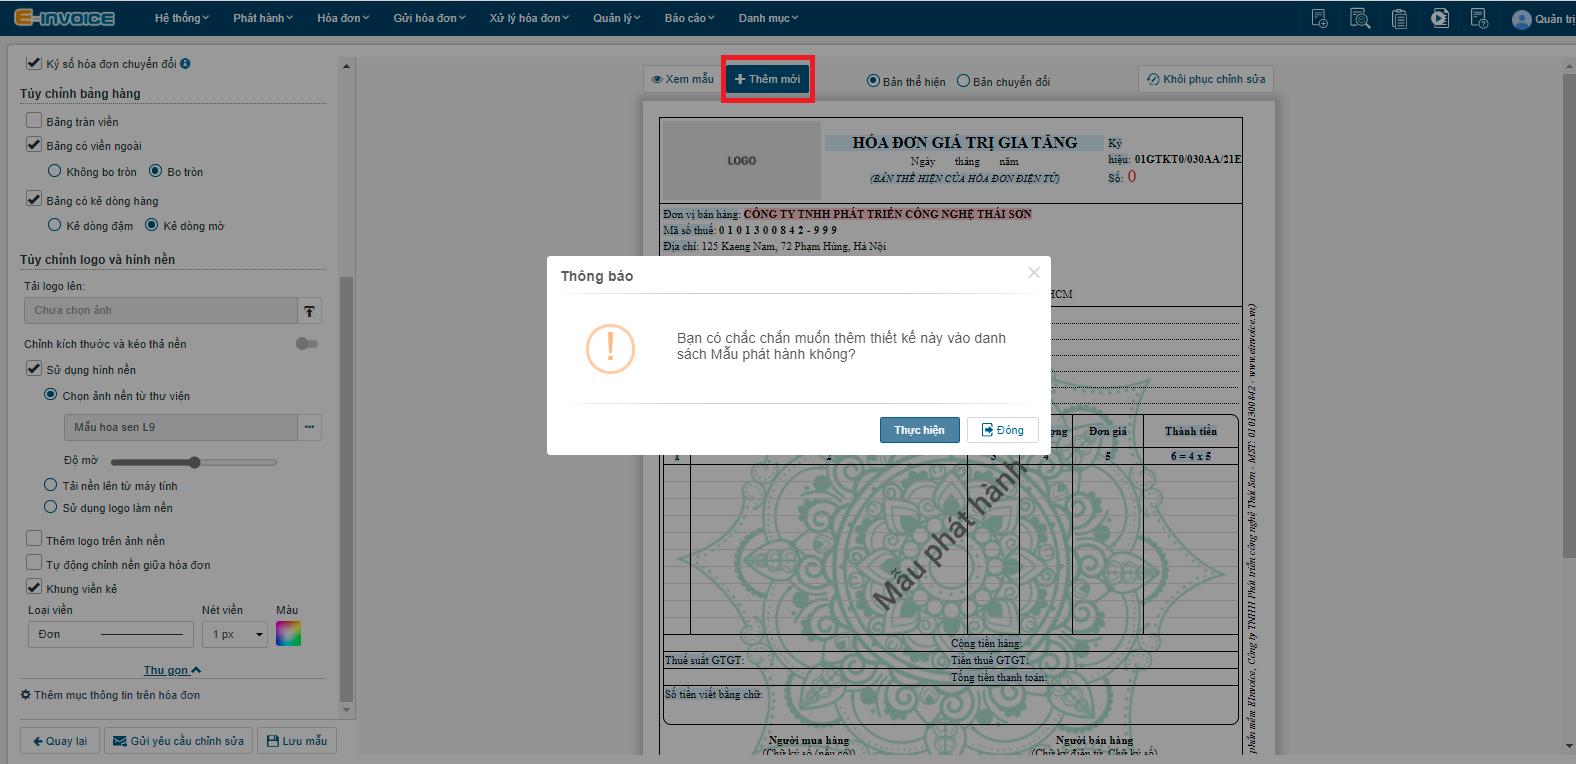 """Nhấn chọn """"Thêm mới"""" để chọn mẫu hóa đơn được thiết kế là mẫu hóa đơn phát hành."""